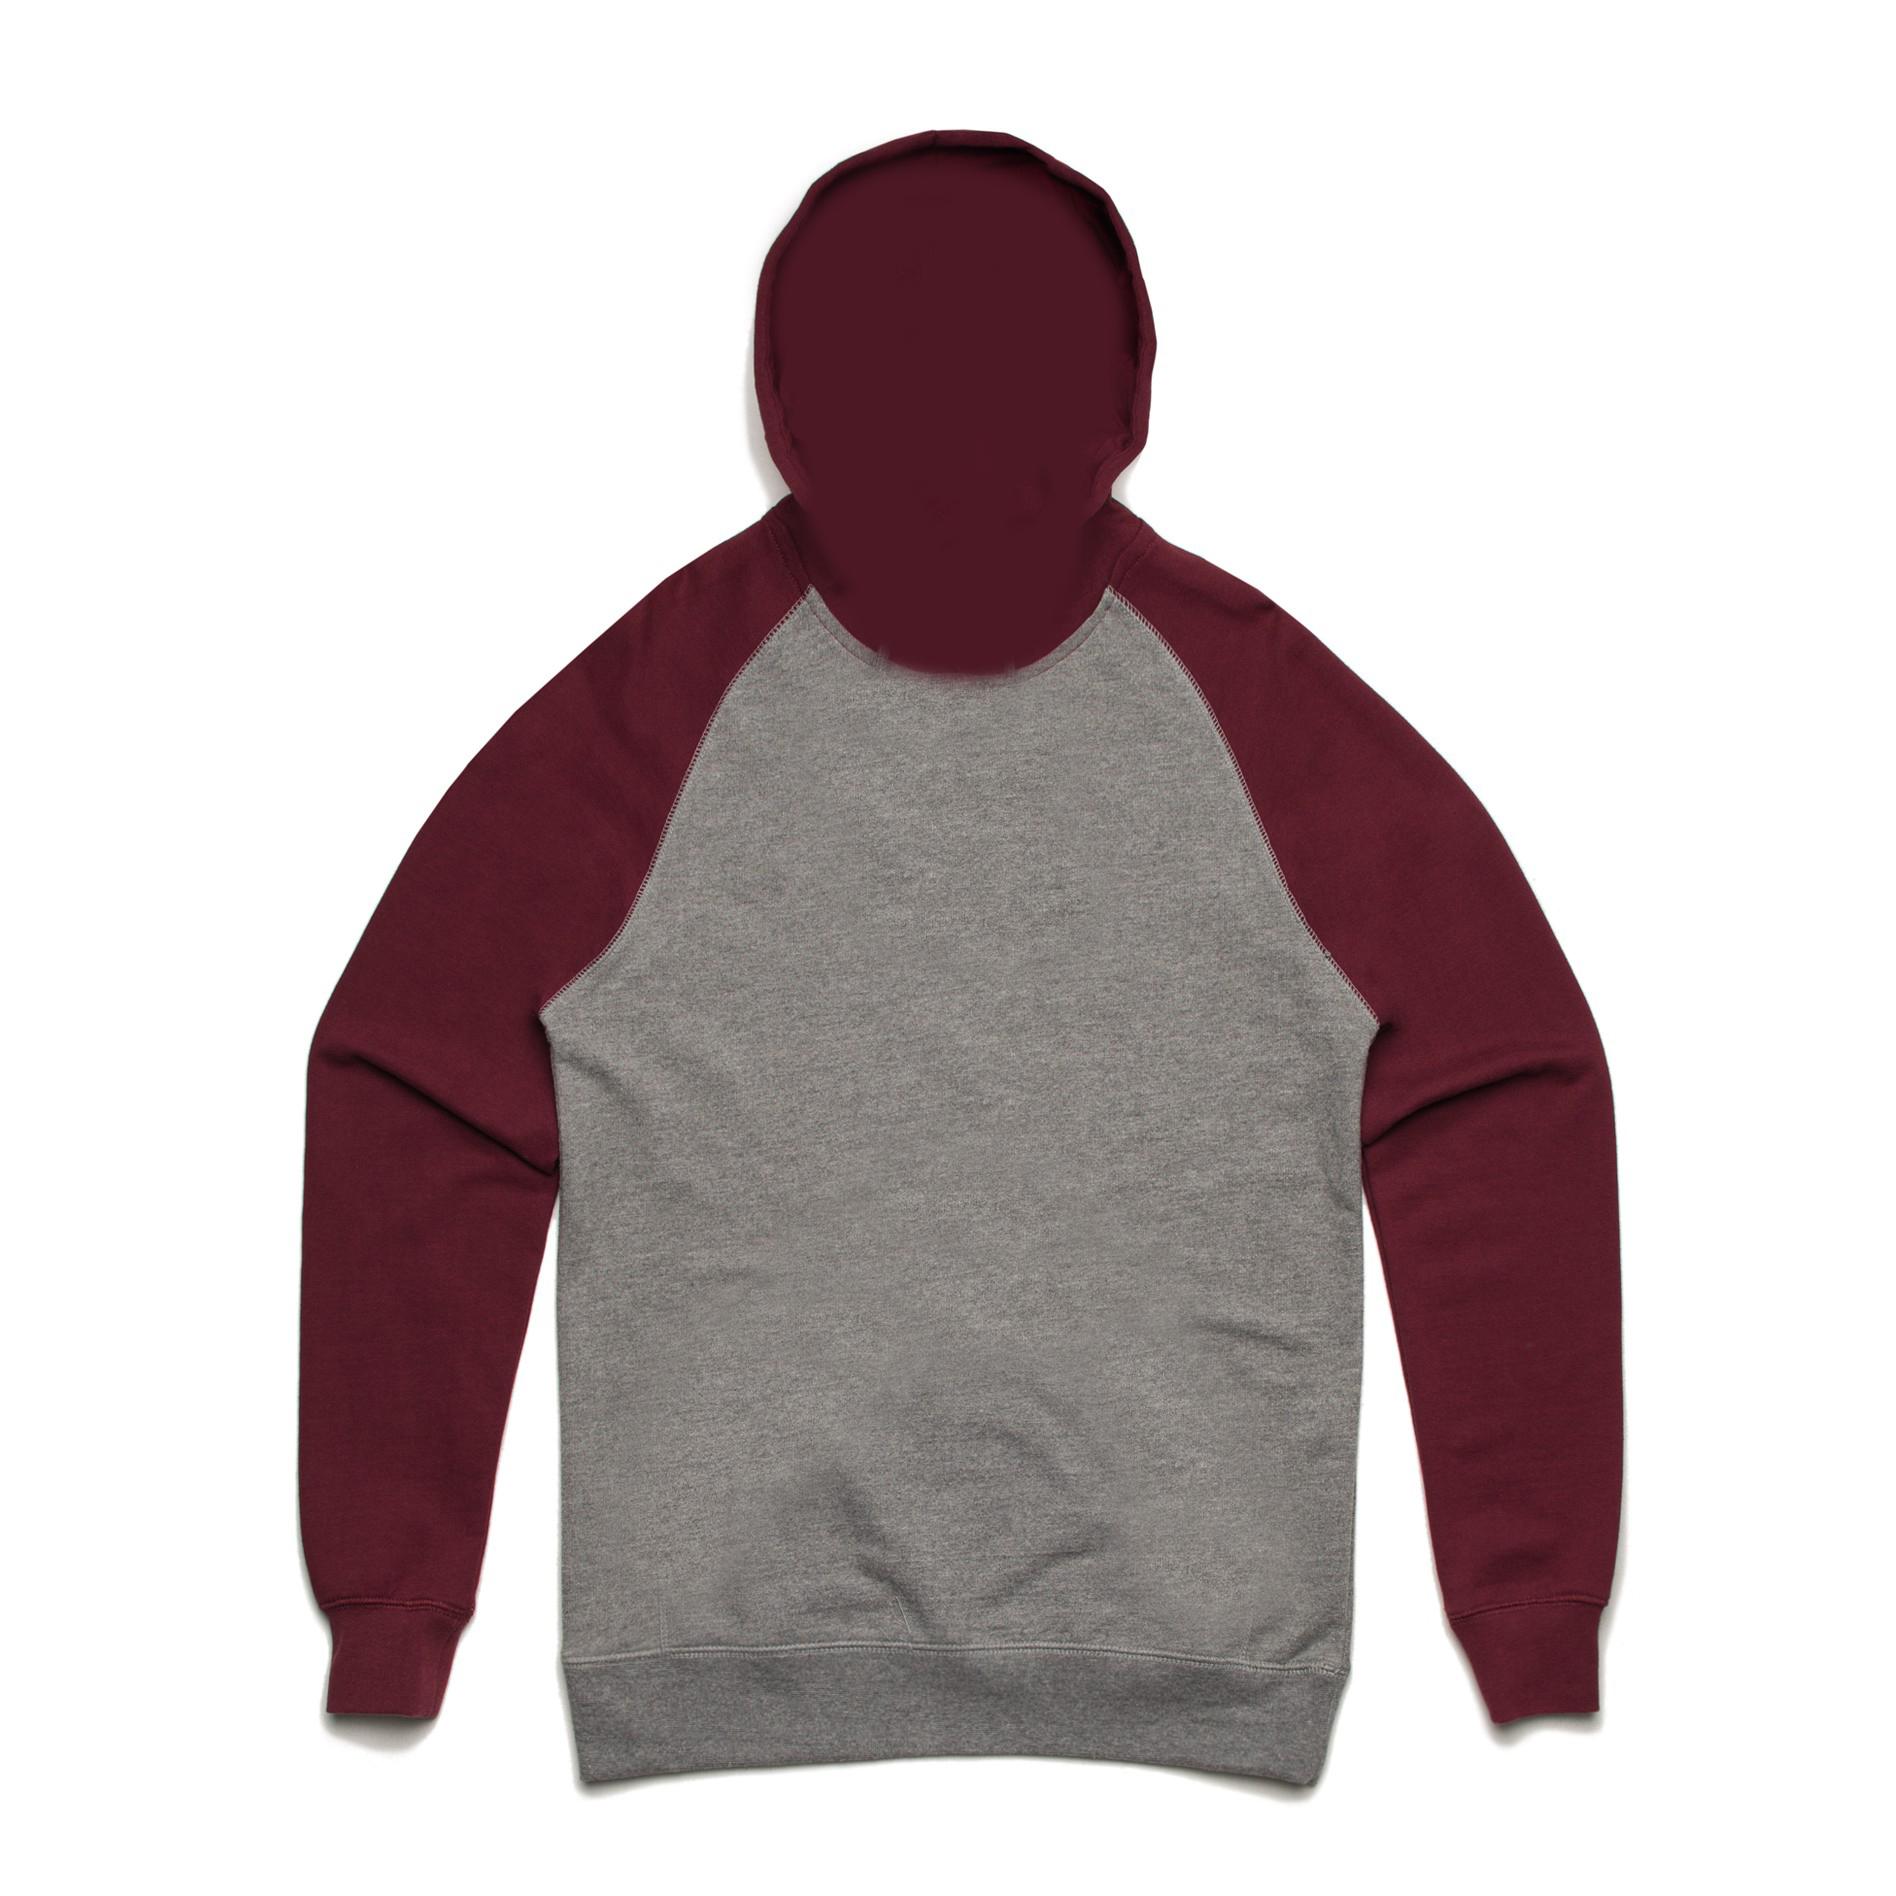 Design your t shirt nz - Unisex Case Hood T Shirt Printing Nz Design Your Own Custom Shirt New Zealand